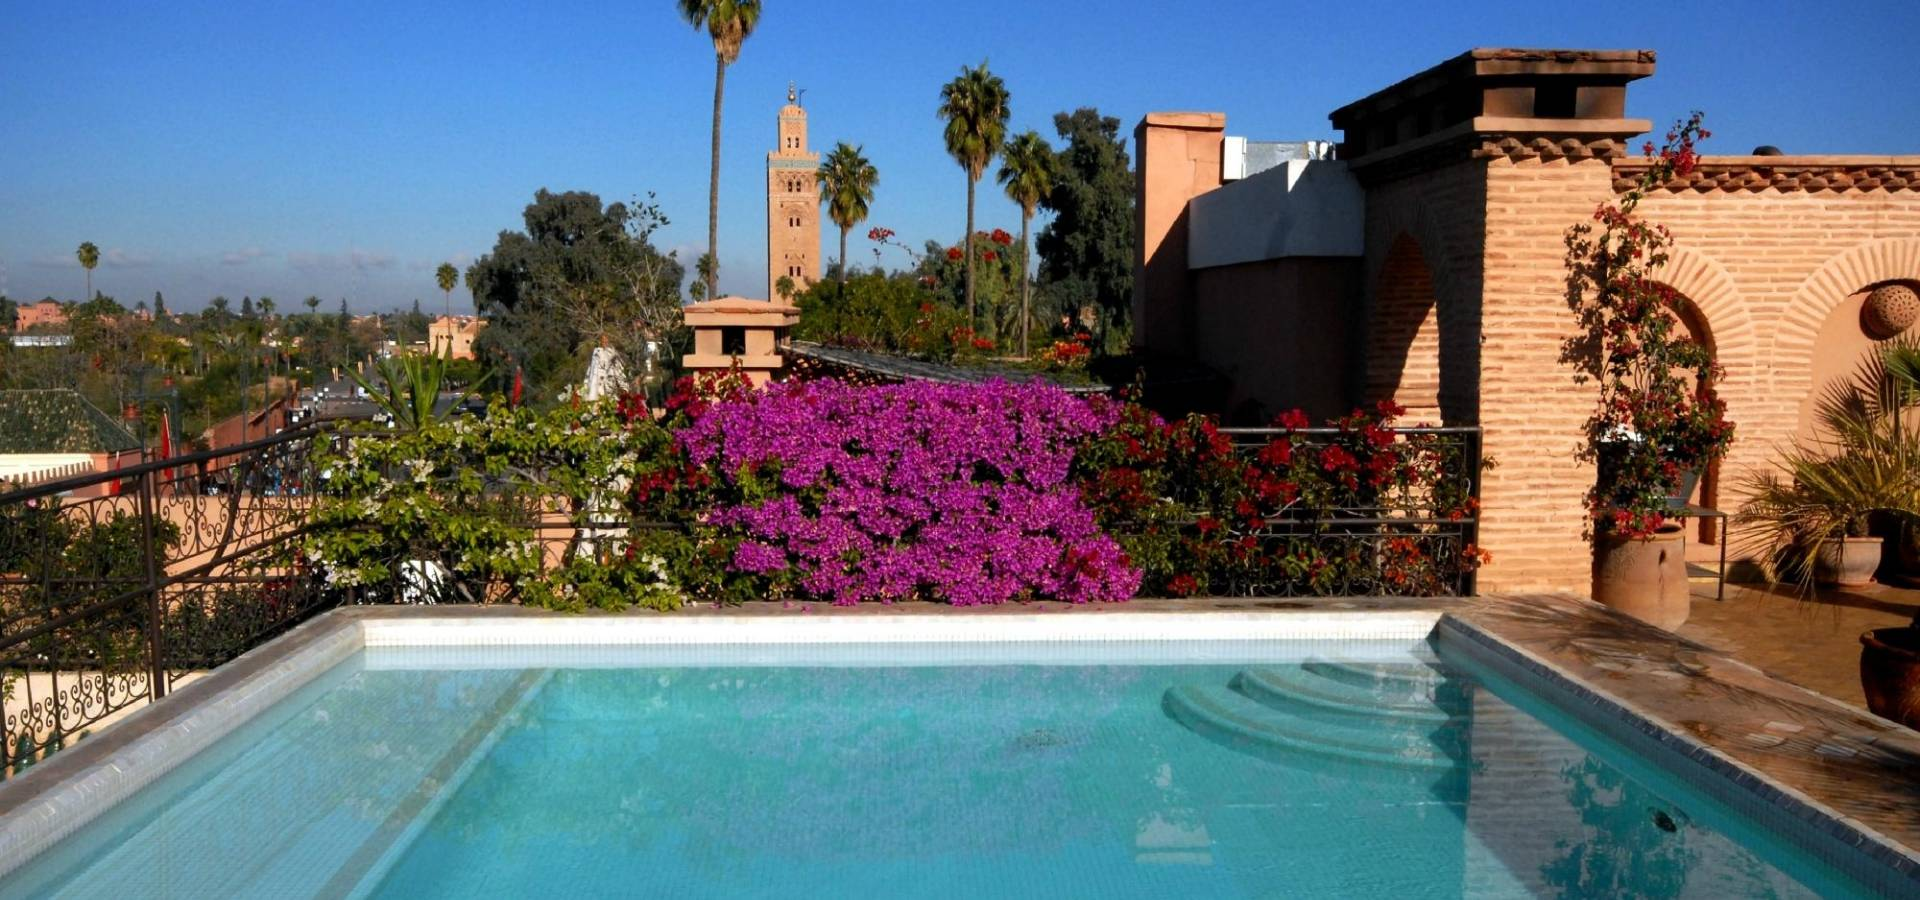 Marruecos - Riad La Villa des Orangers